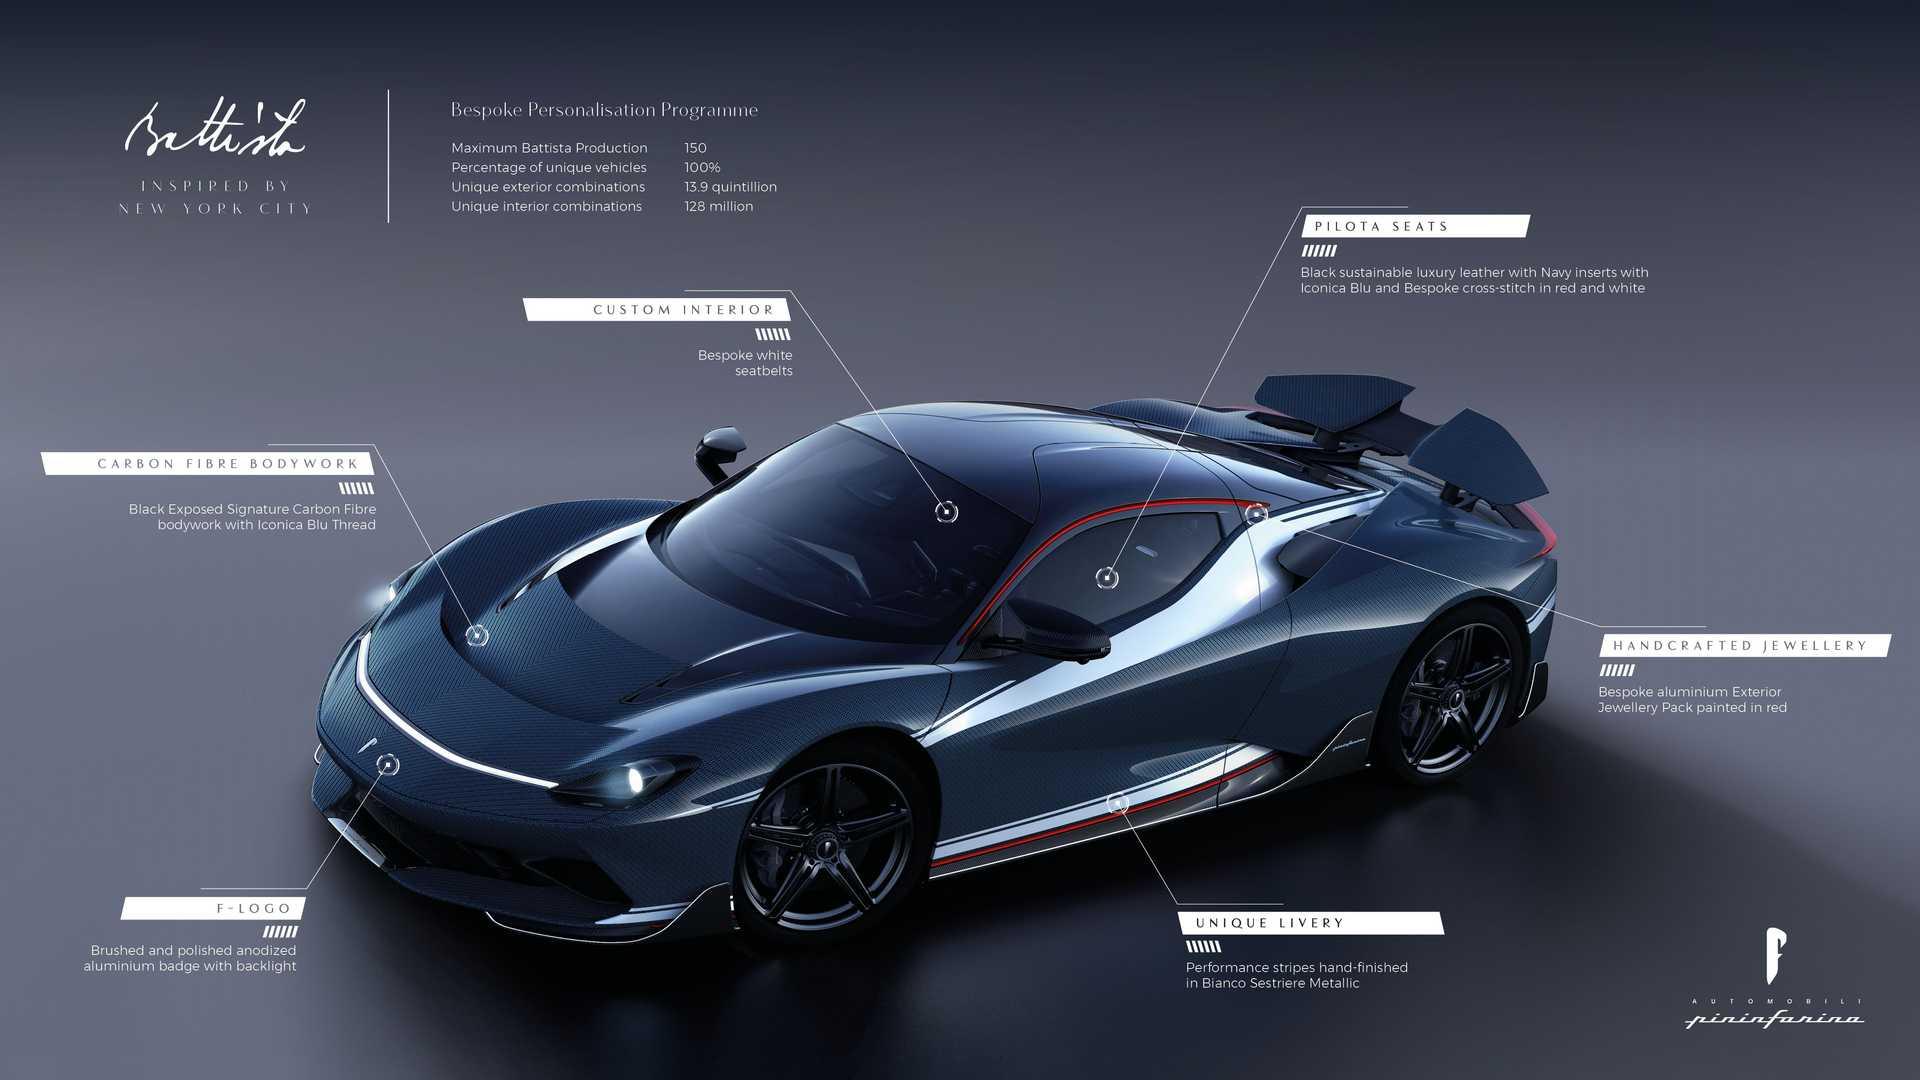 Hay trillones de combinaciones posibles para el Pininfarina Battista de producción